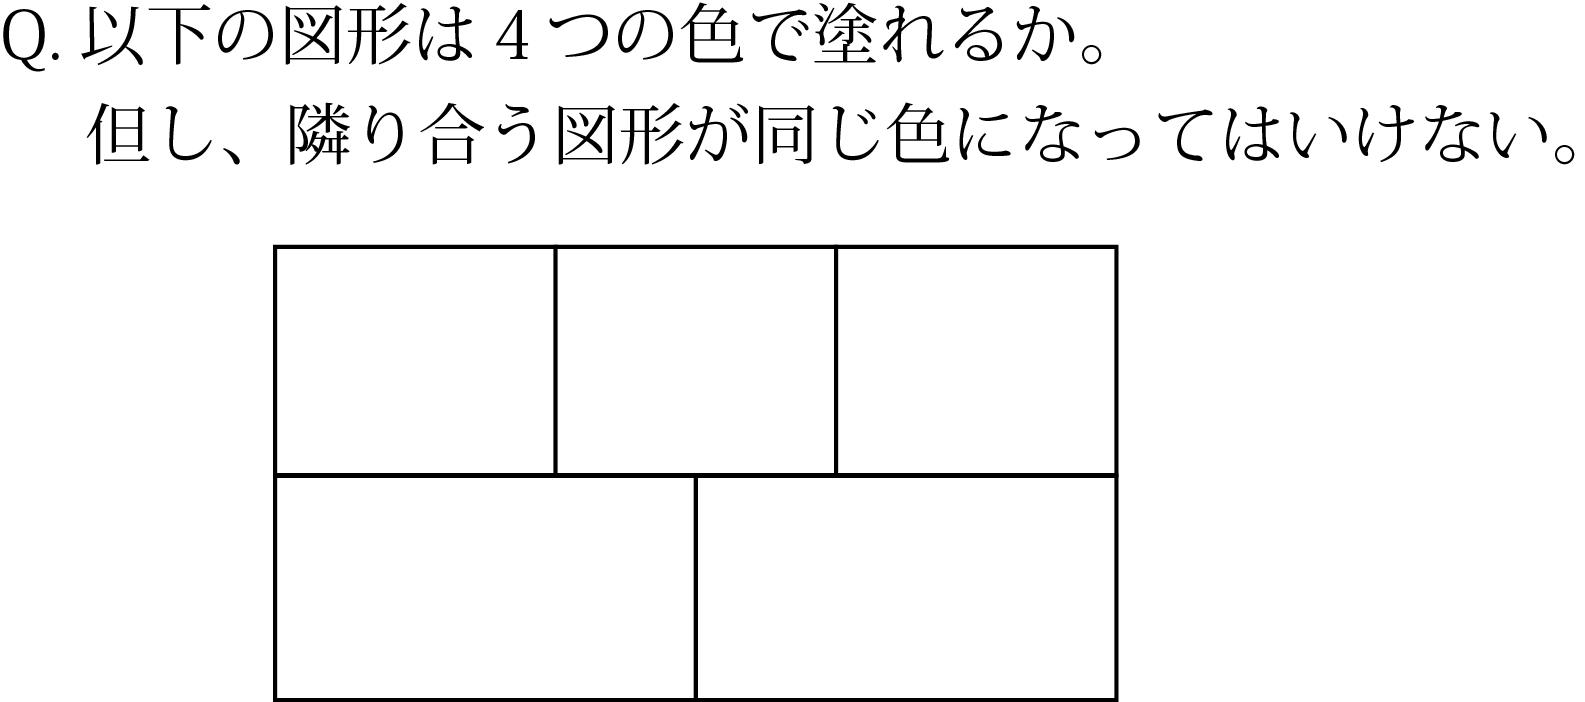 「いろわけ」の問題2